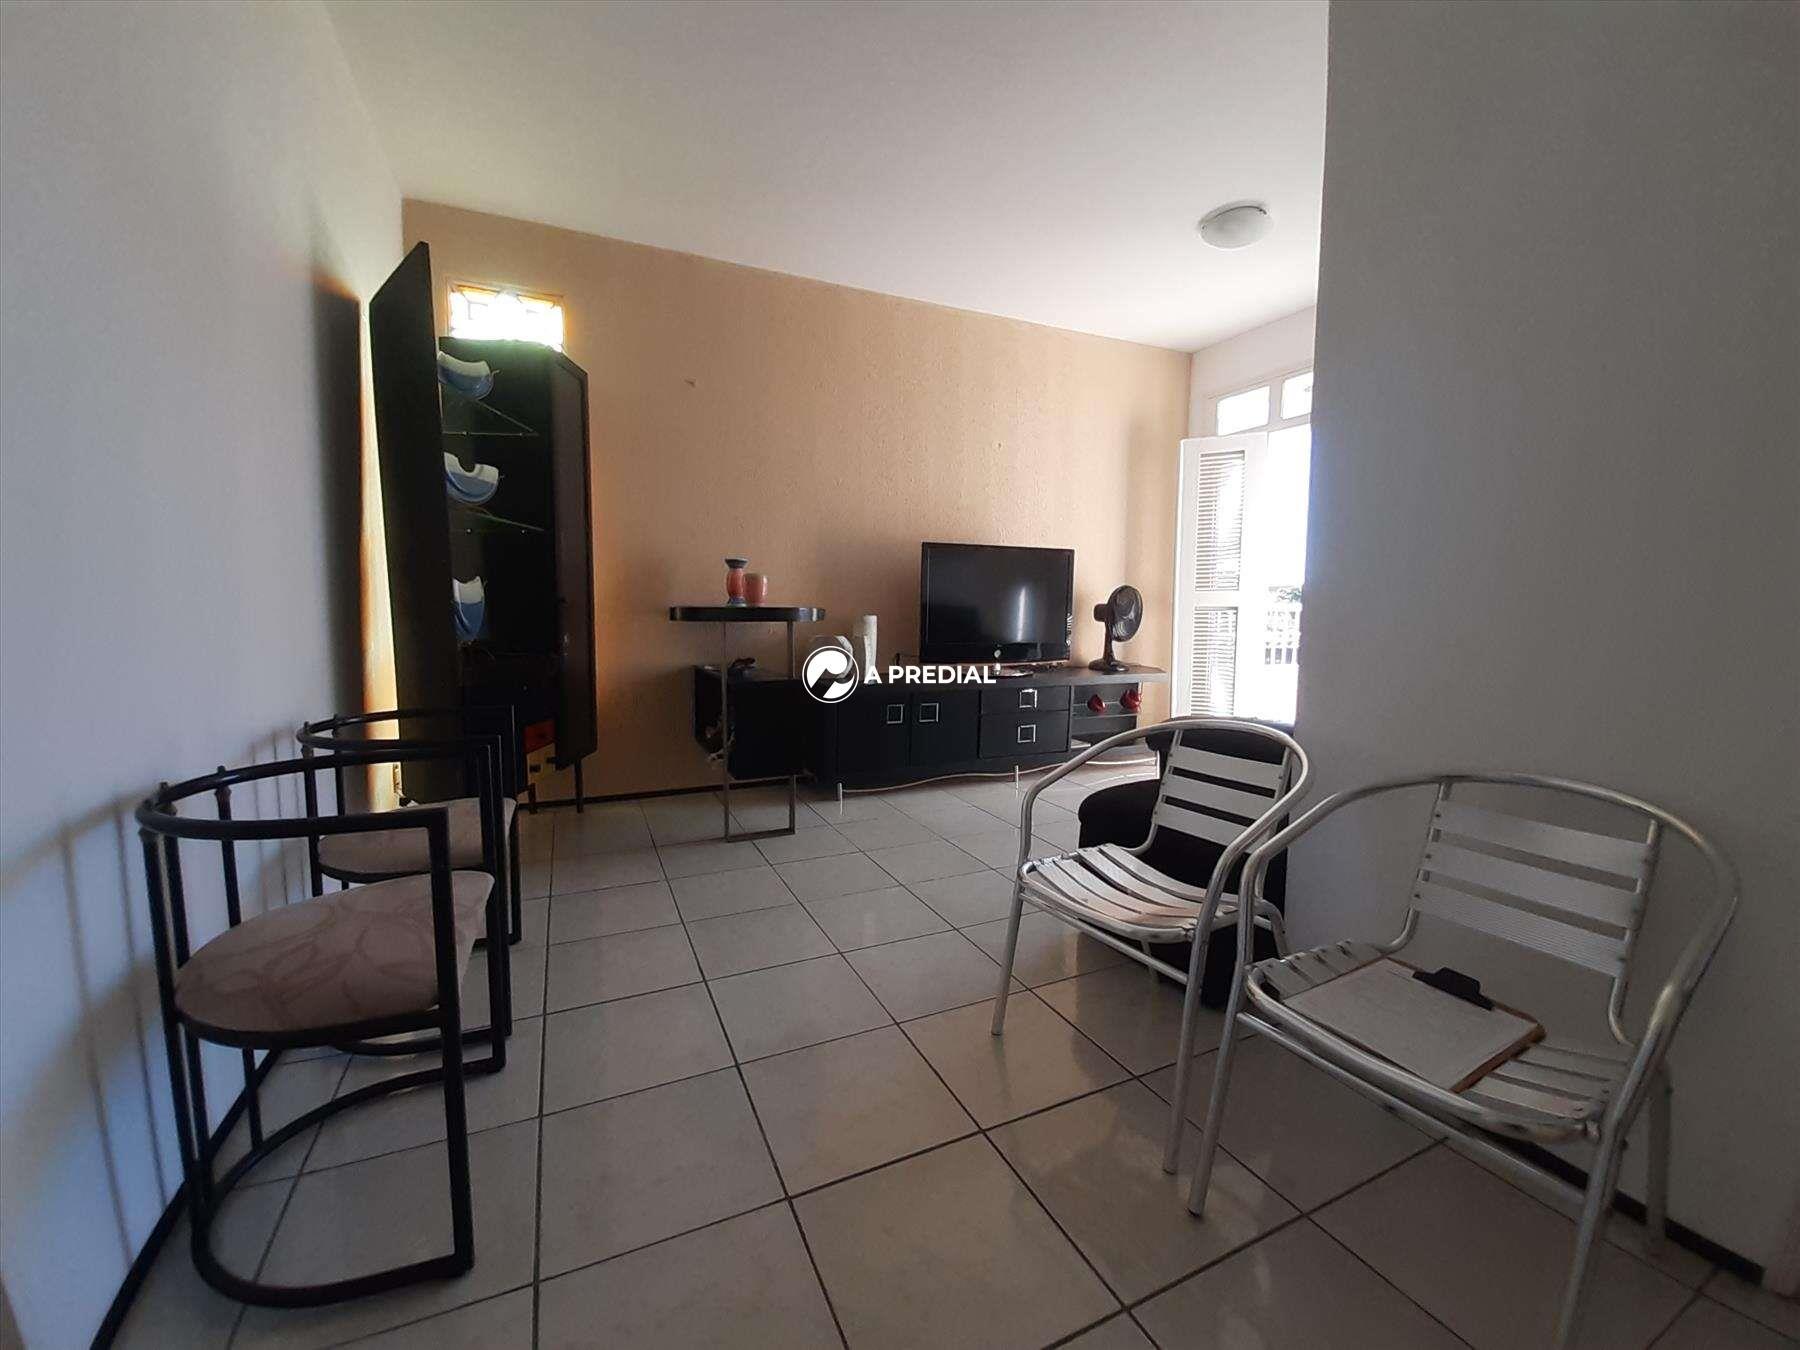 Apartamento à venda no Joaquim Távora: 7a4672ec-8-20200804_155454.jpg